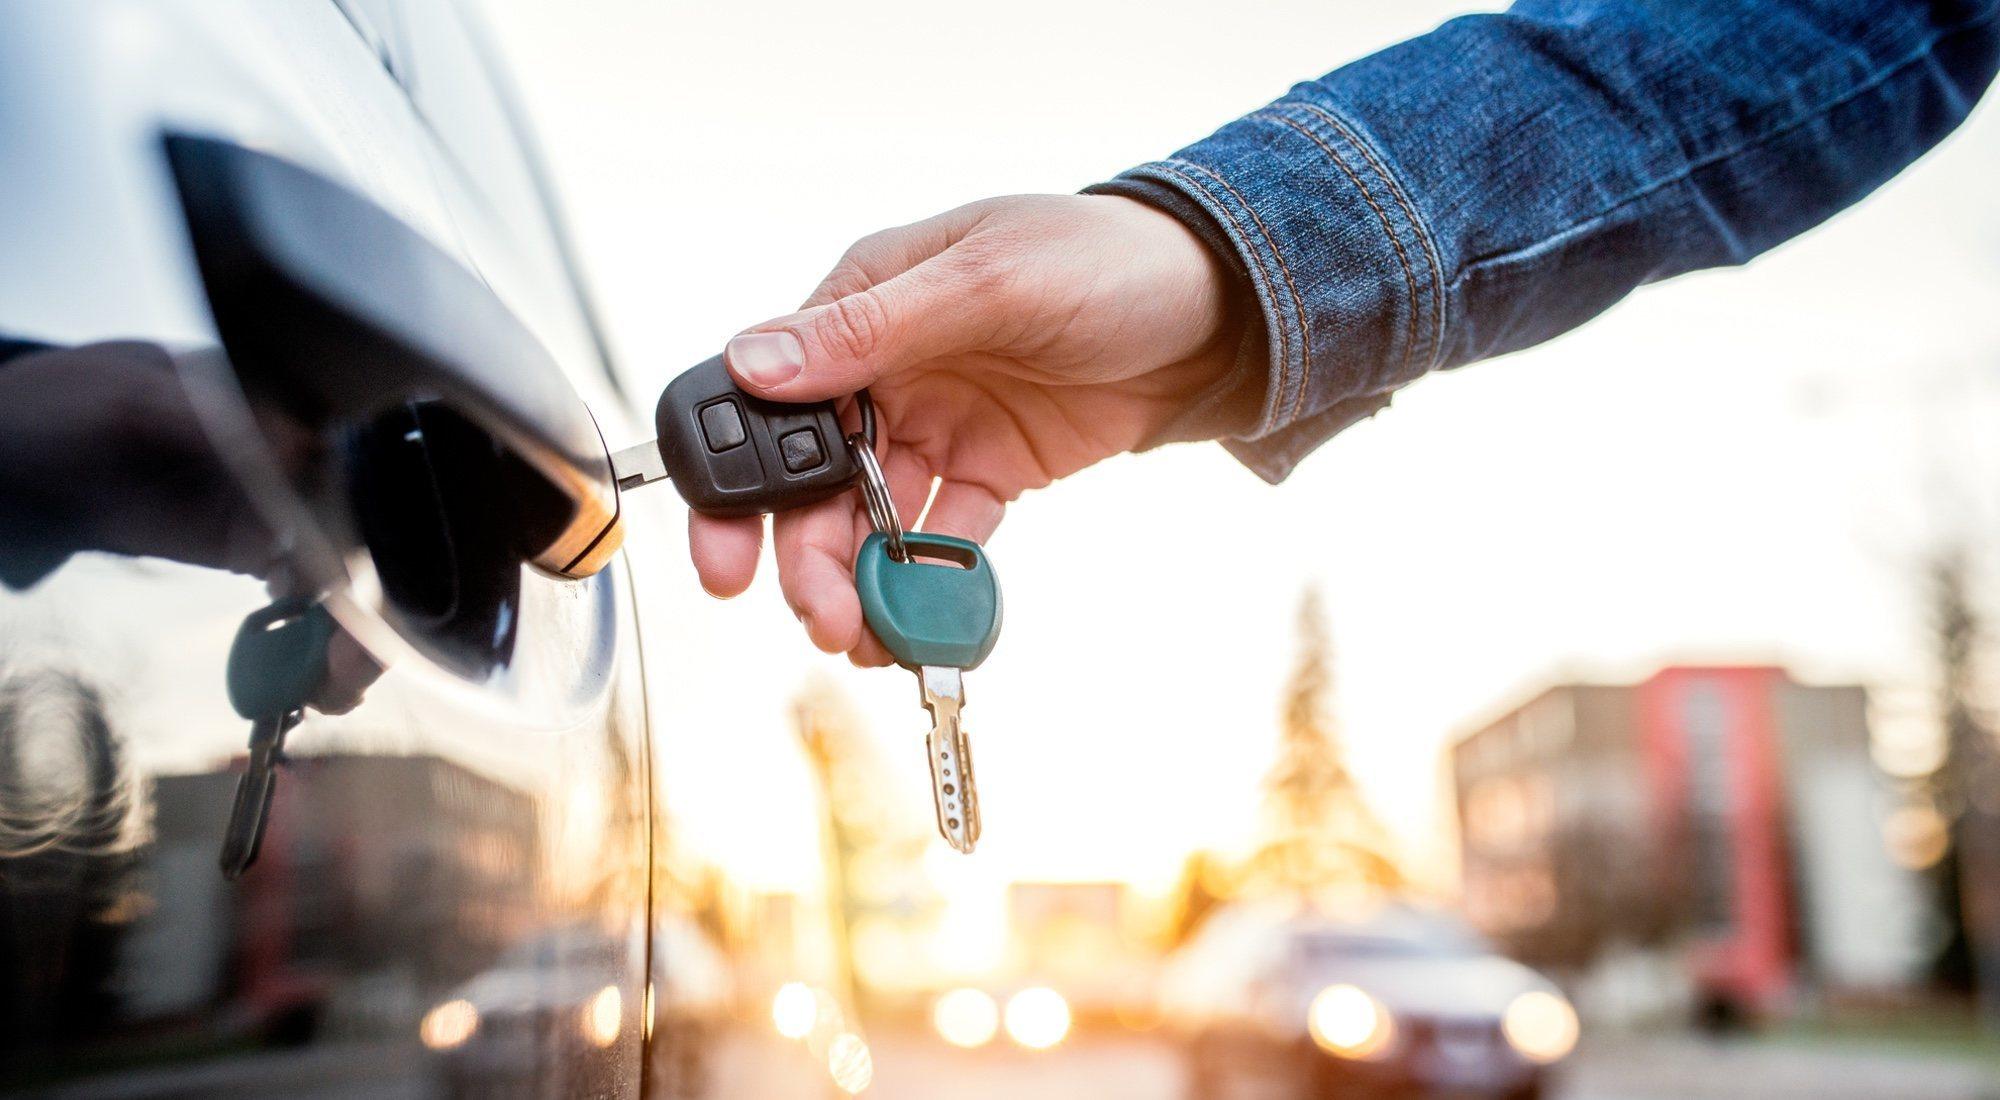 Medios de transporte: el coche pierde su tradicional dominio